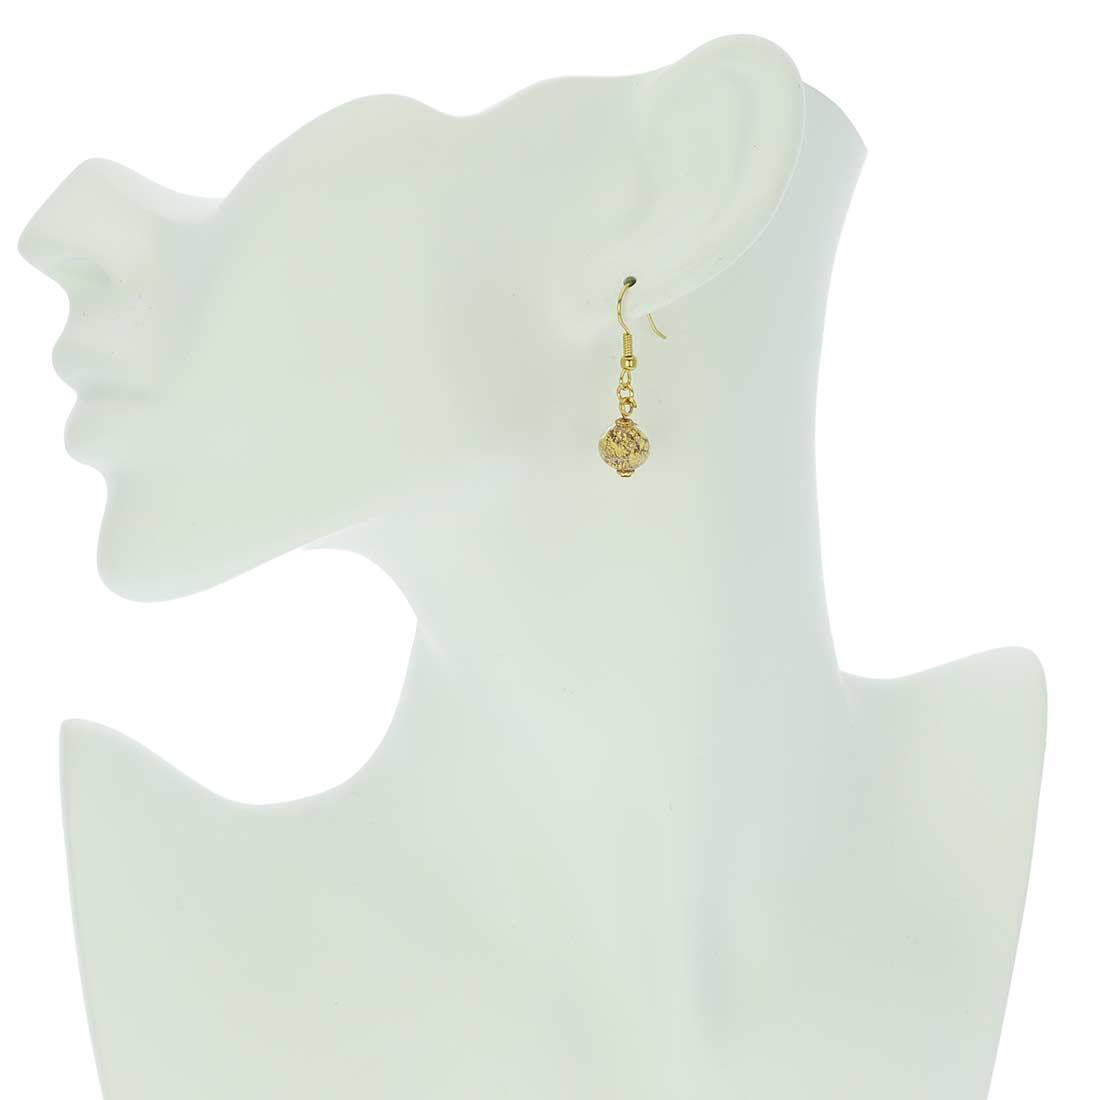 Golden Glow Earrings - Amethyst